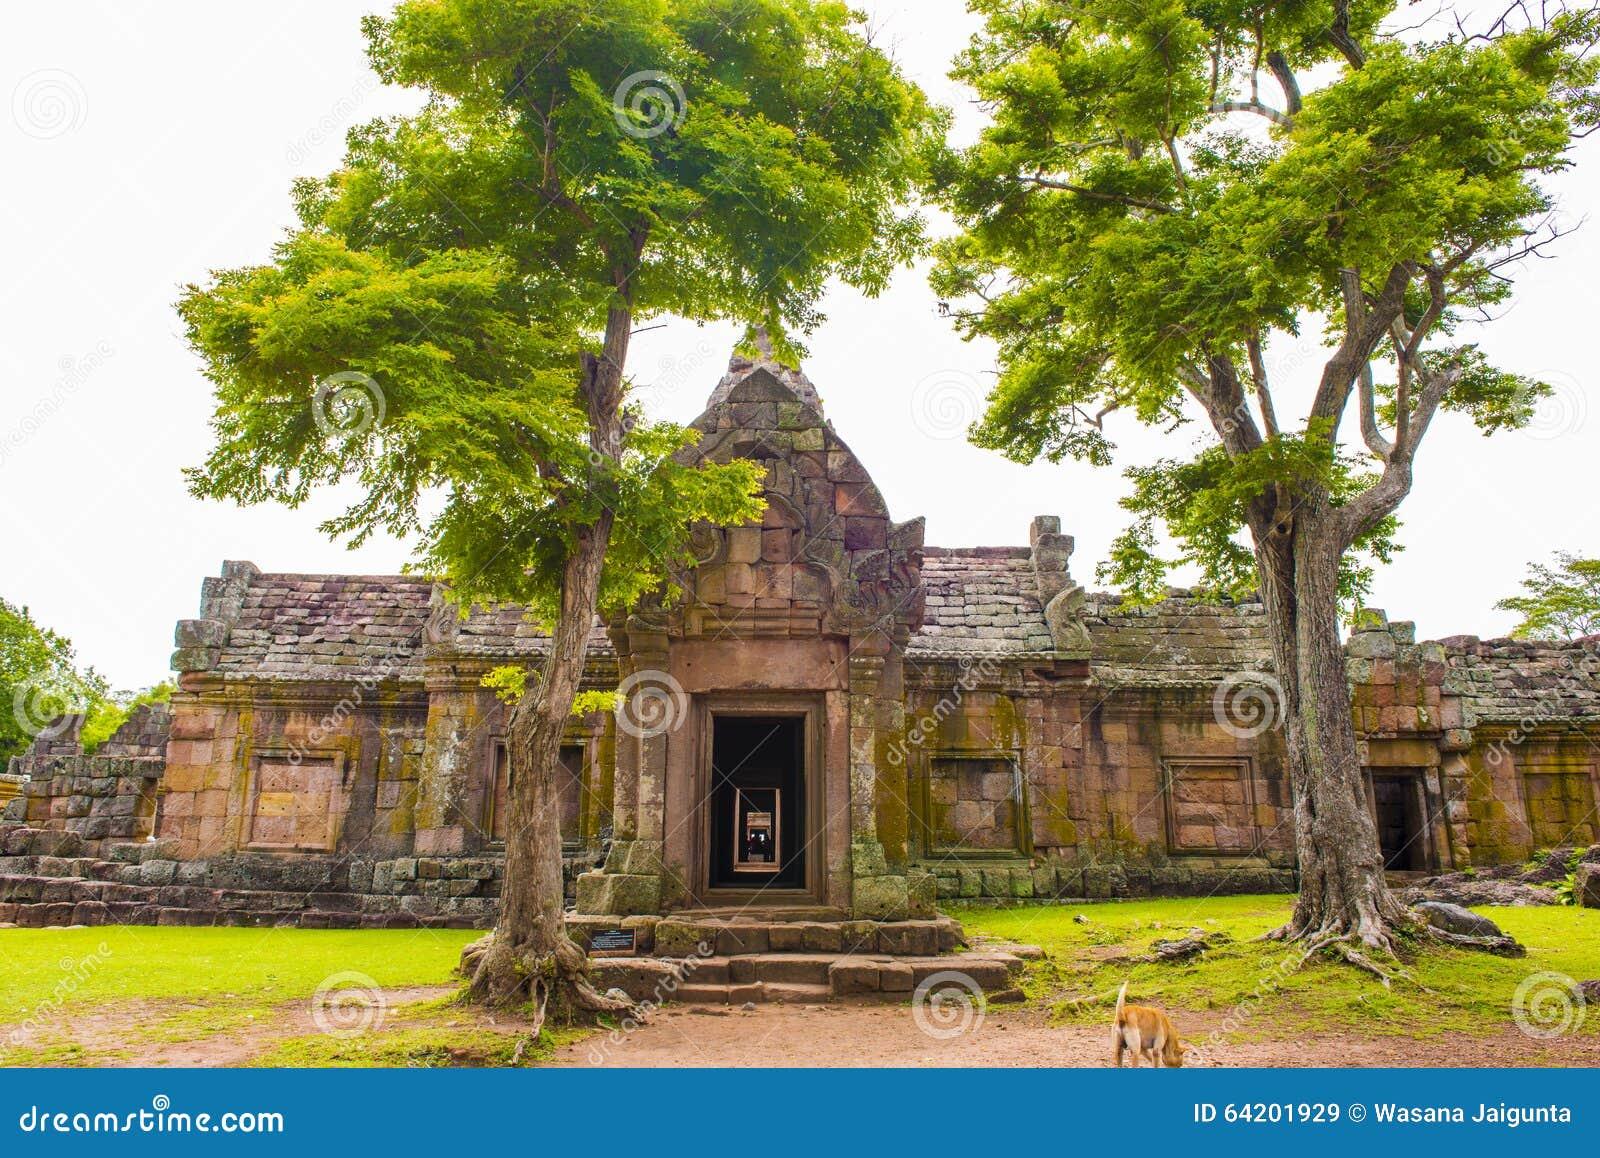 Enarene el castillo de piedra, phanomrung en la provincia de Buriram, Tailandia